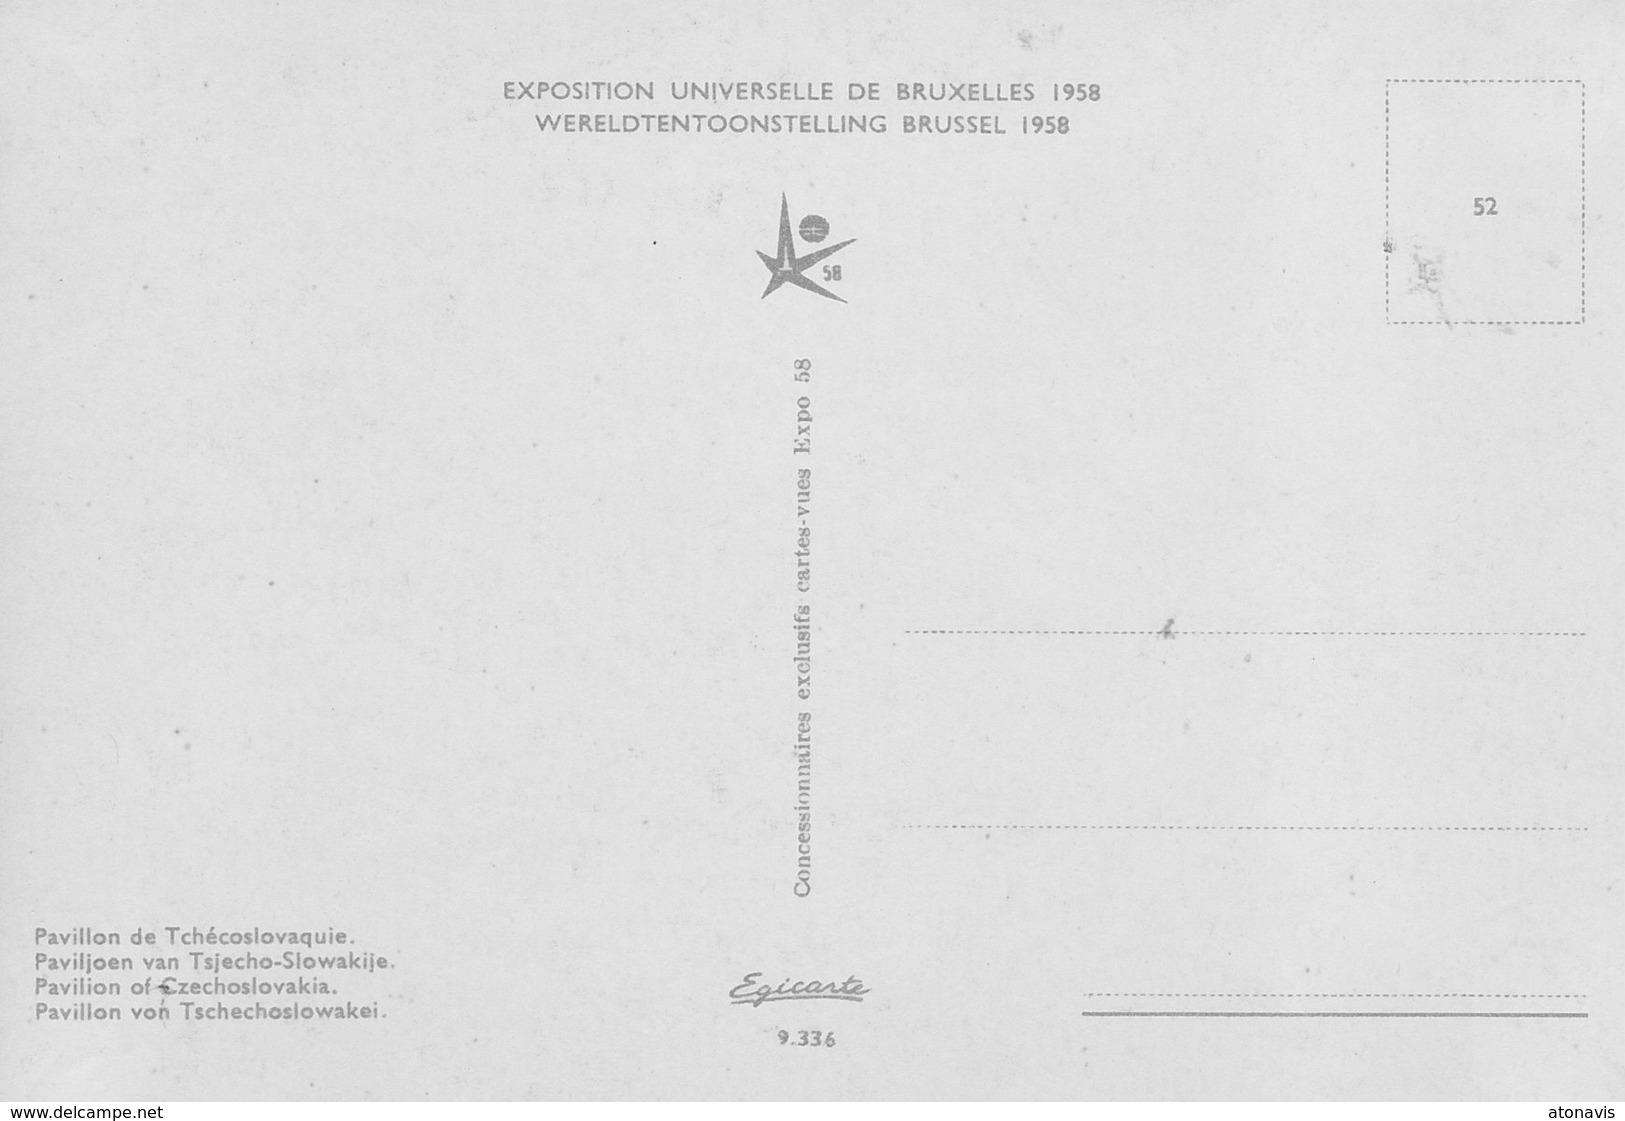 Bruxelles Expo 58 - Pavillon De Tchécoslovaquie. - Expositions Universelles